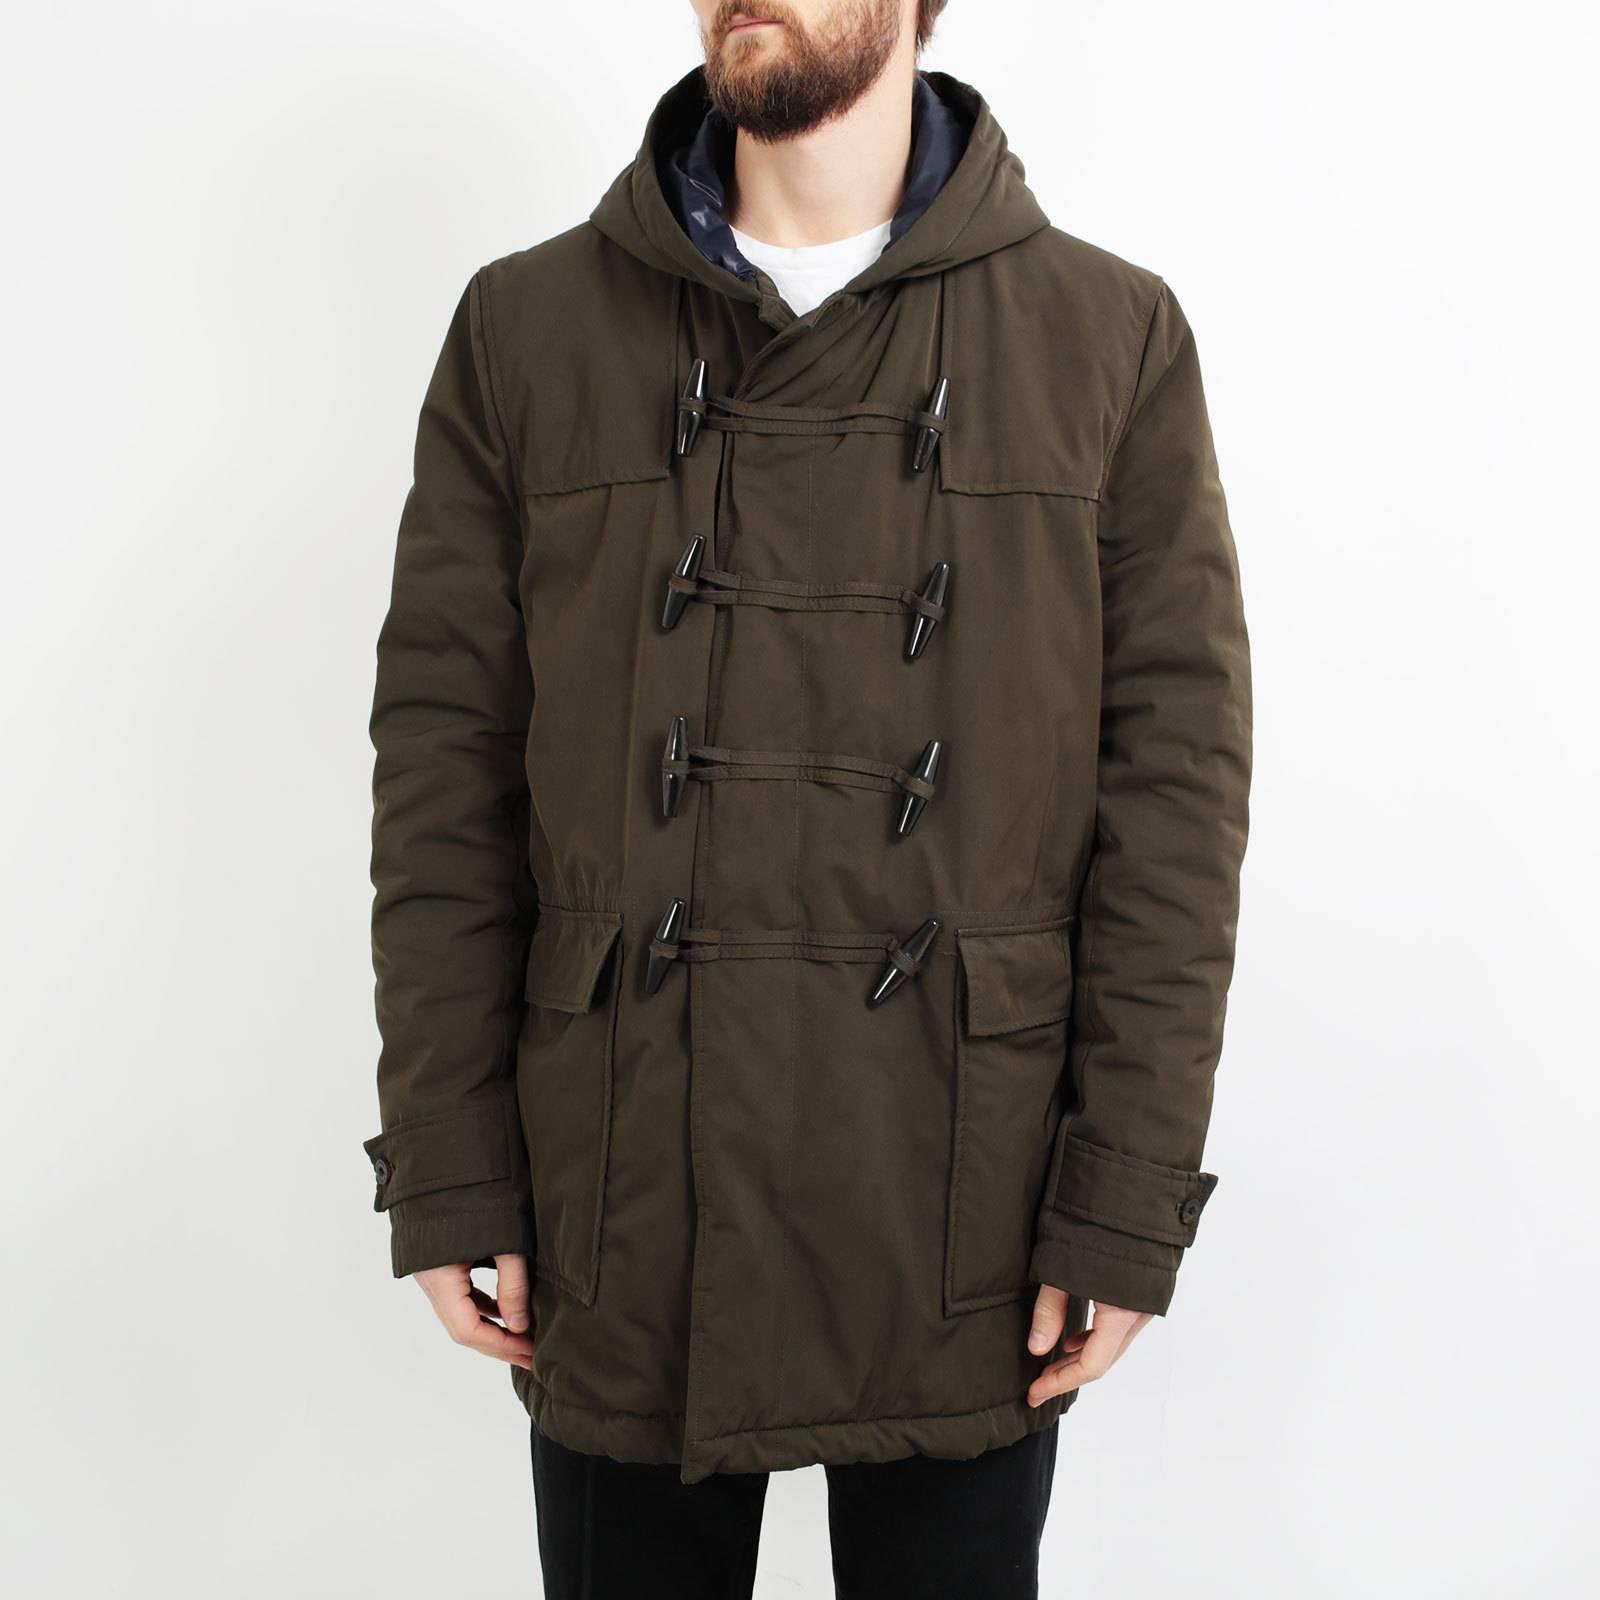 8ec330d26 Купить пальто J.Lindeberg в Москве с доставкой по цене 8400 рублей ...